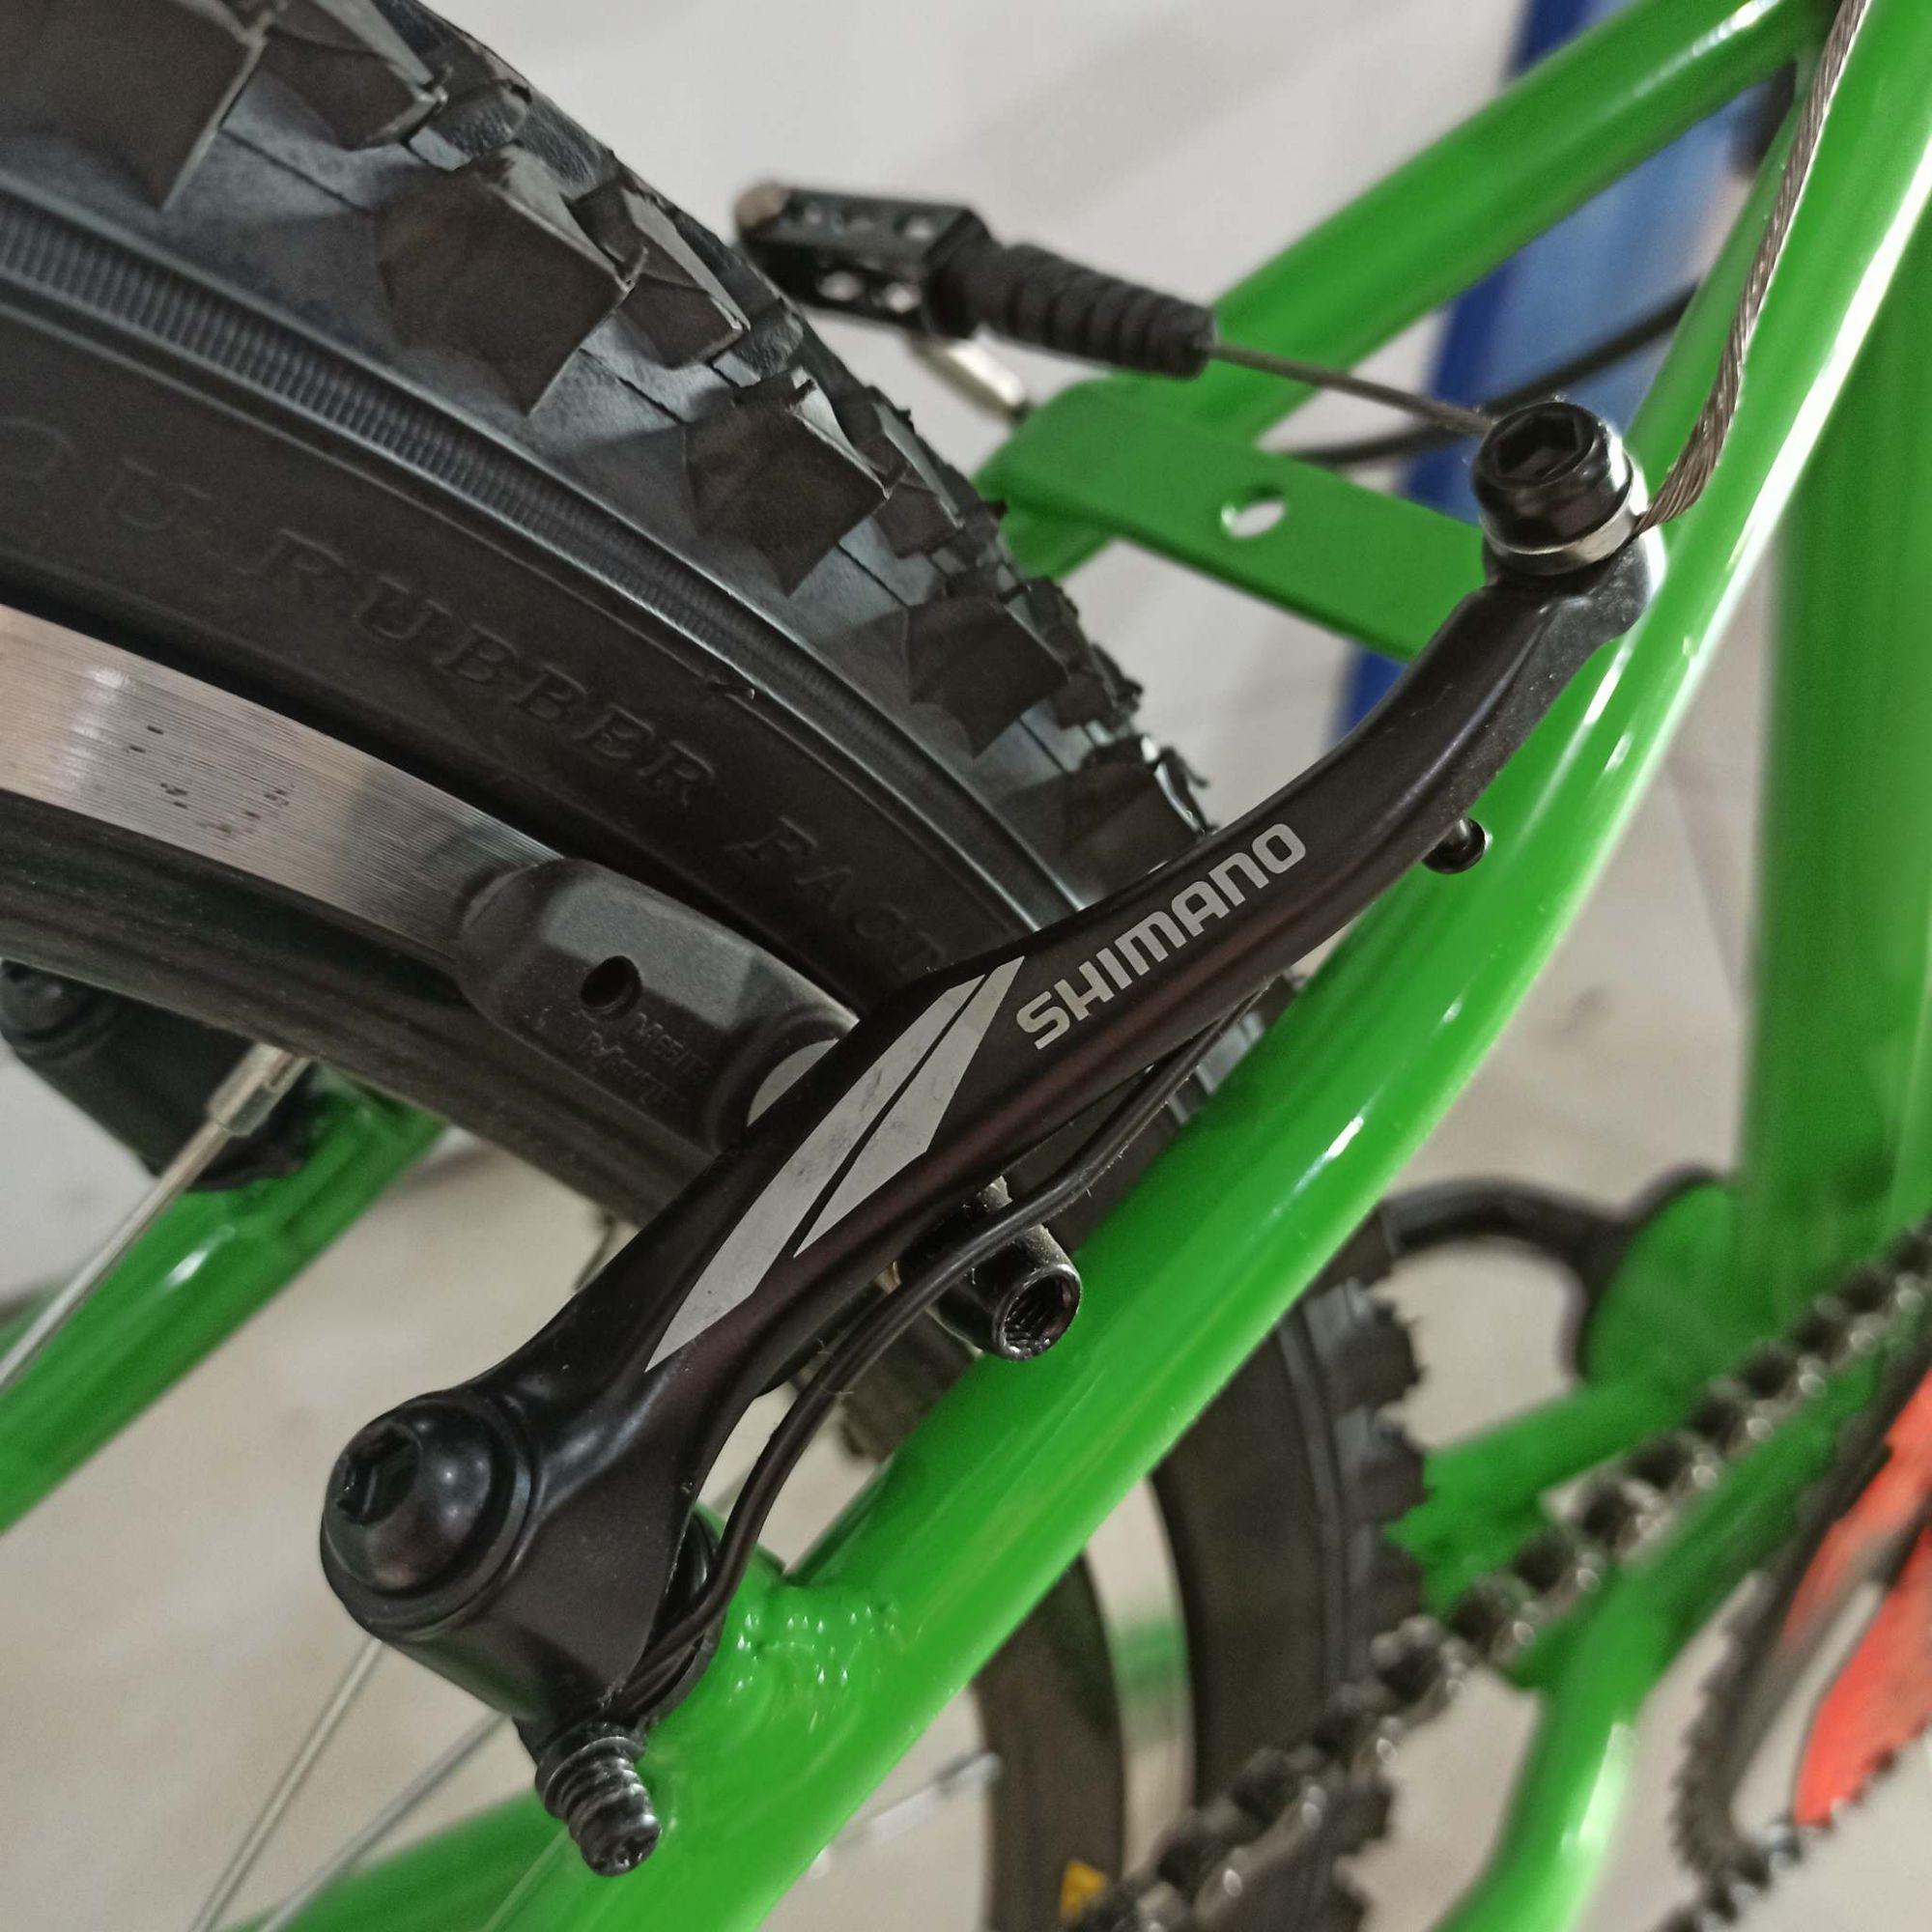 Bicicleta TURBOCYCLO Cyclone aro 26 - Freio Shimano V-Brake - Rodas Aro Aero VZAN com Cubos de Rolamento High One EDITAR